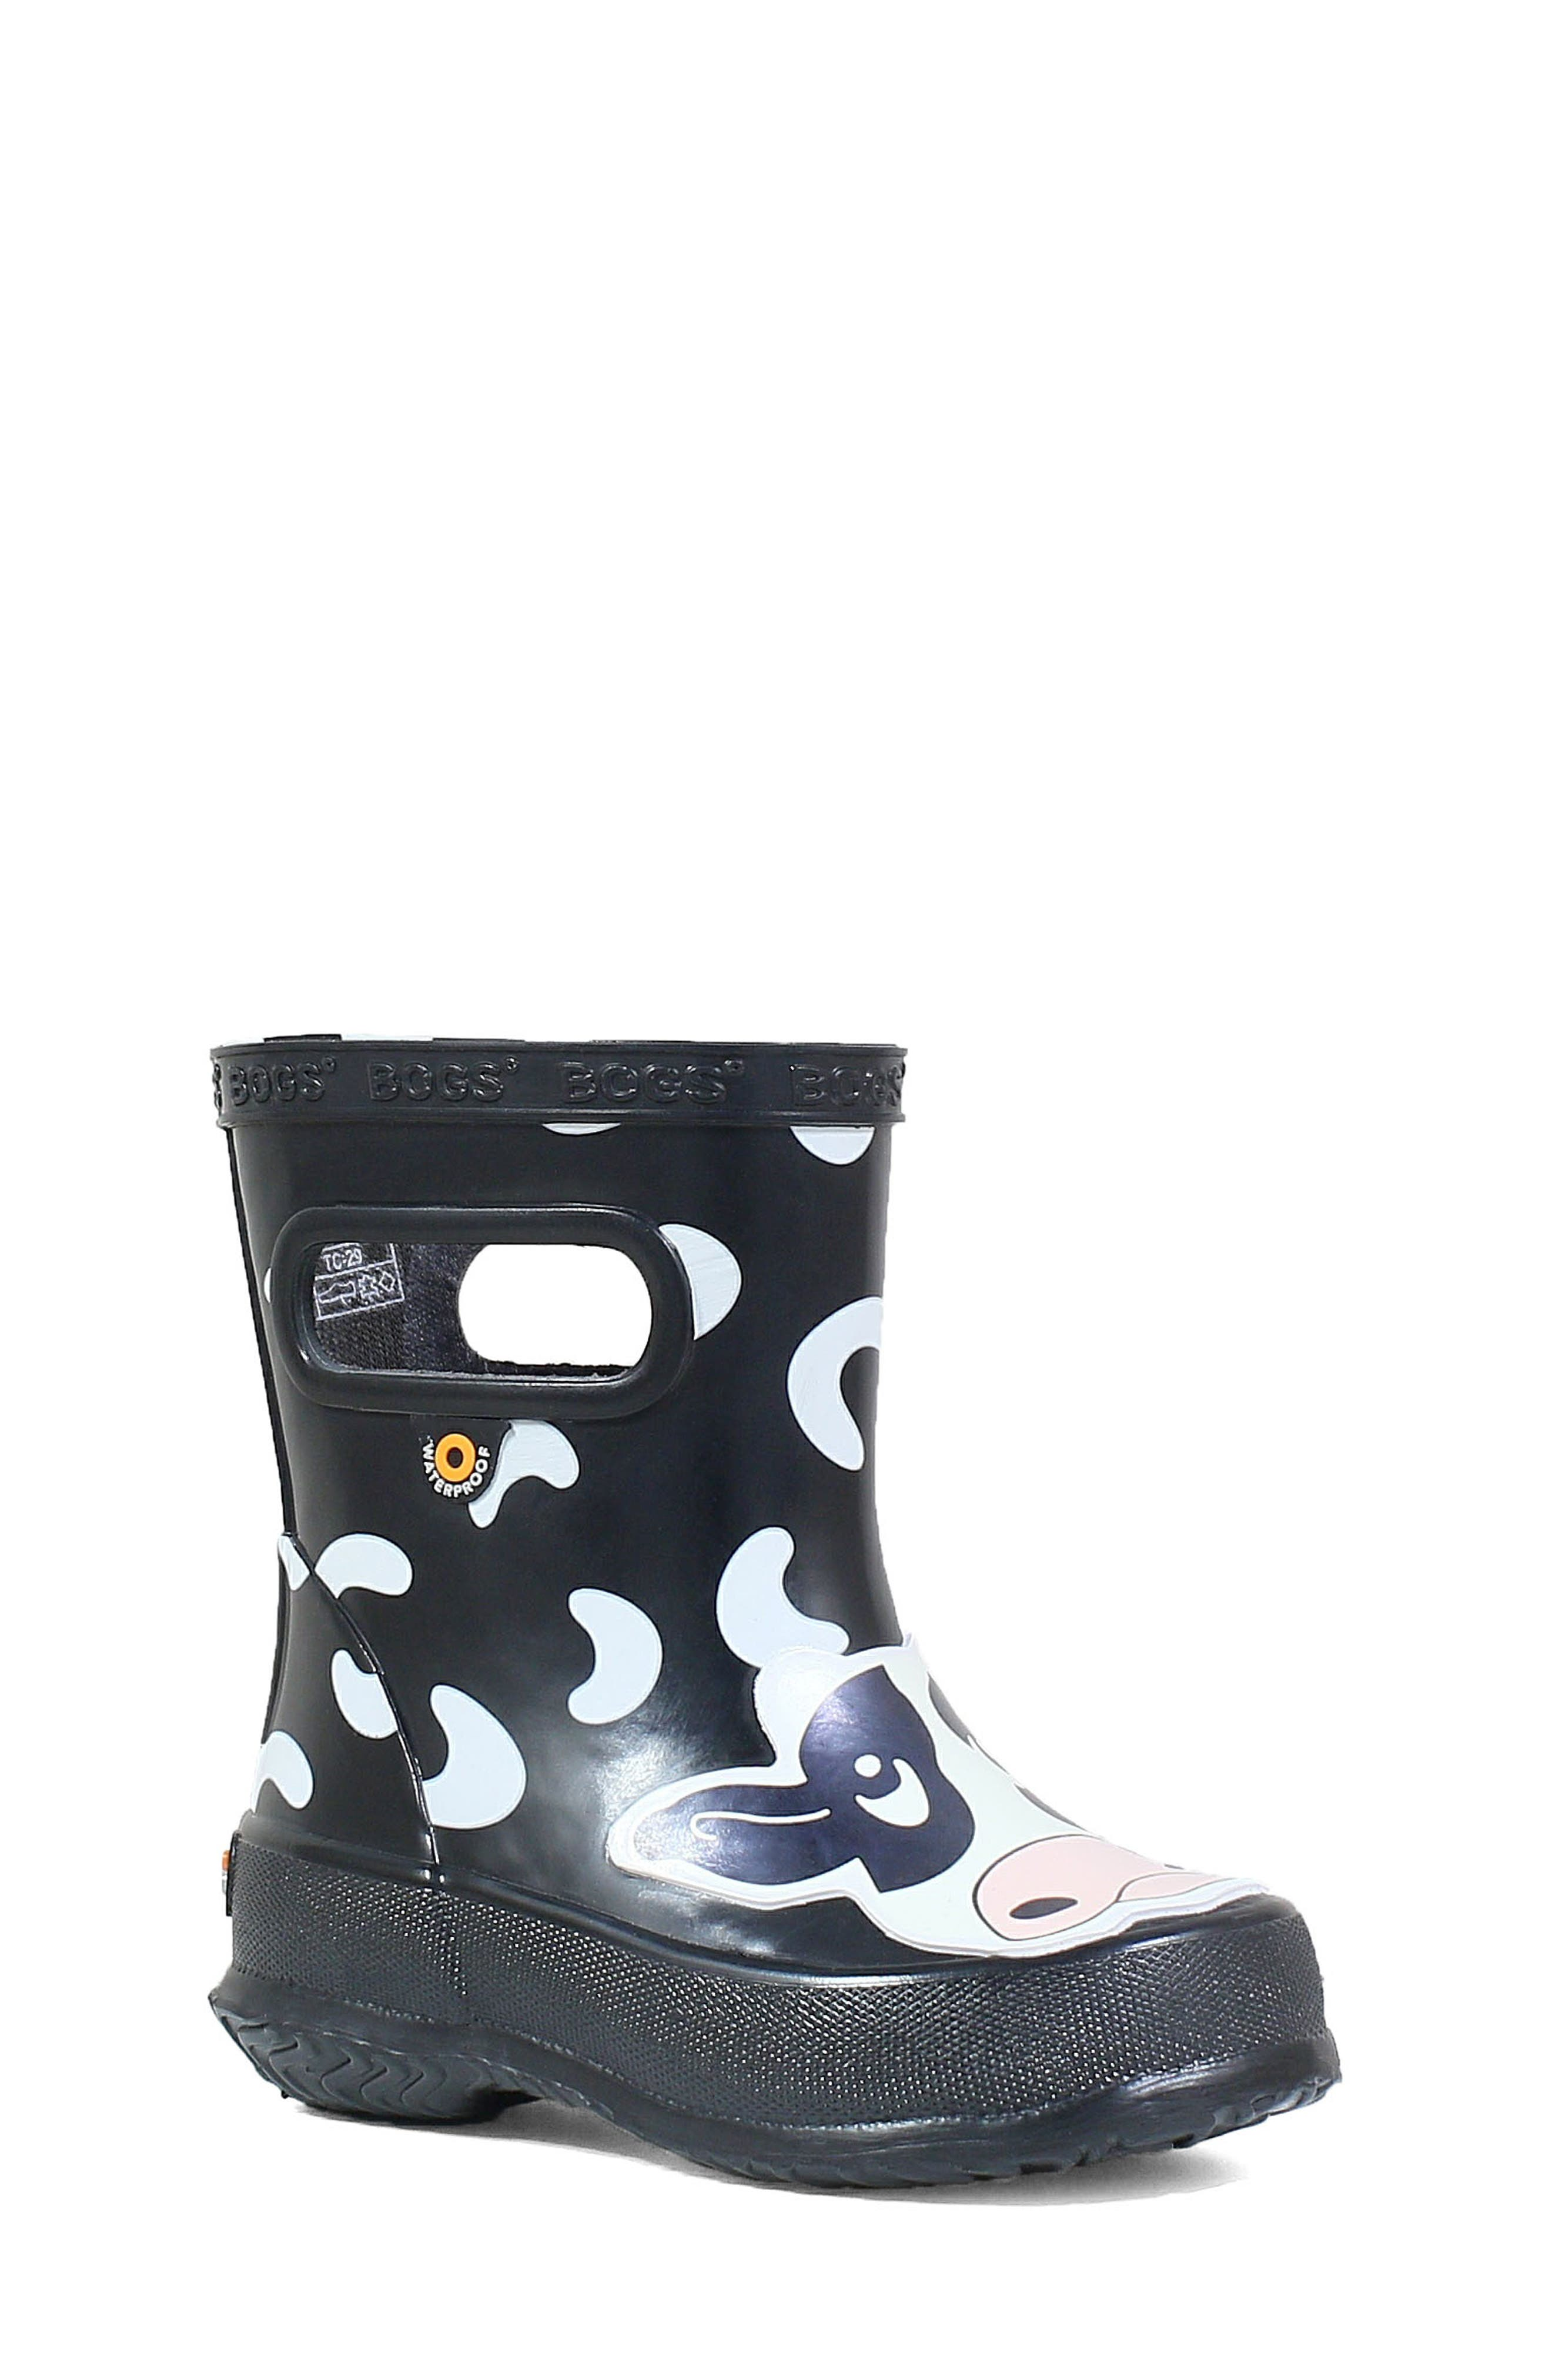 BOGS Animal Skipper Waterproof Rain Boot, Main, color, 009